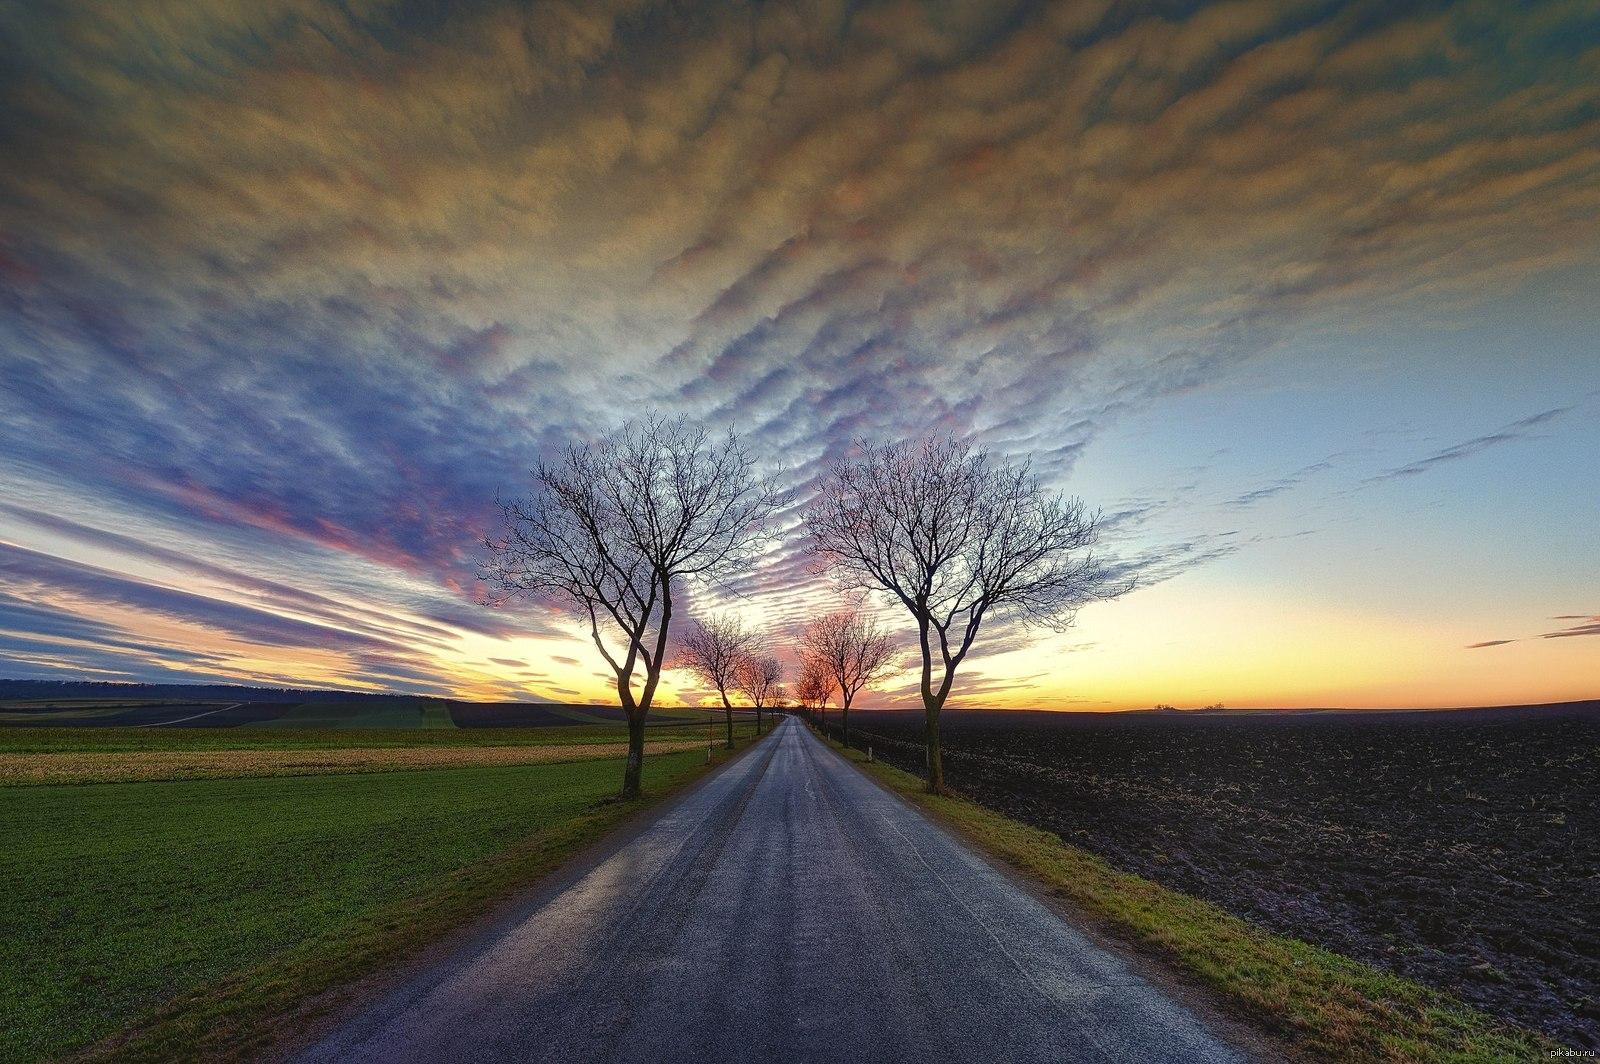 дали двенадцать картинка по дороге в небеса появляется зуд